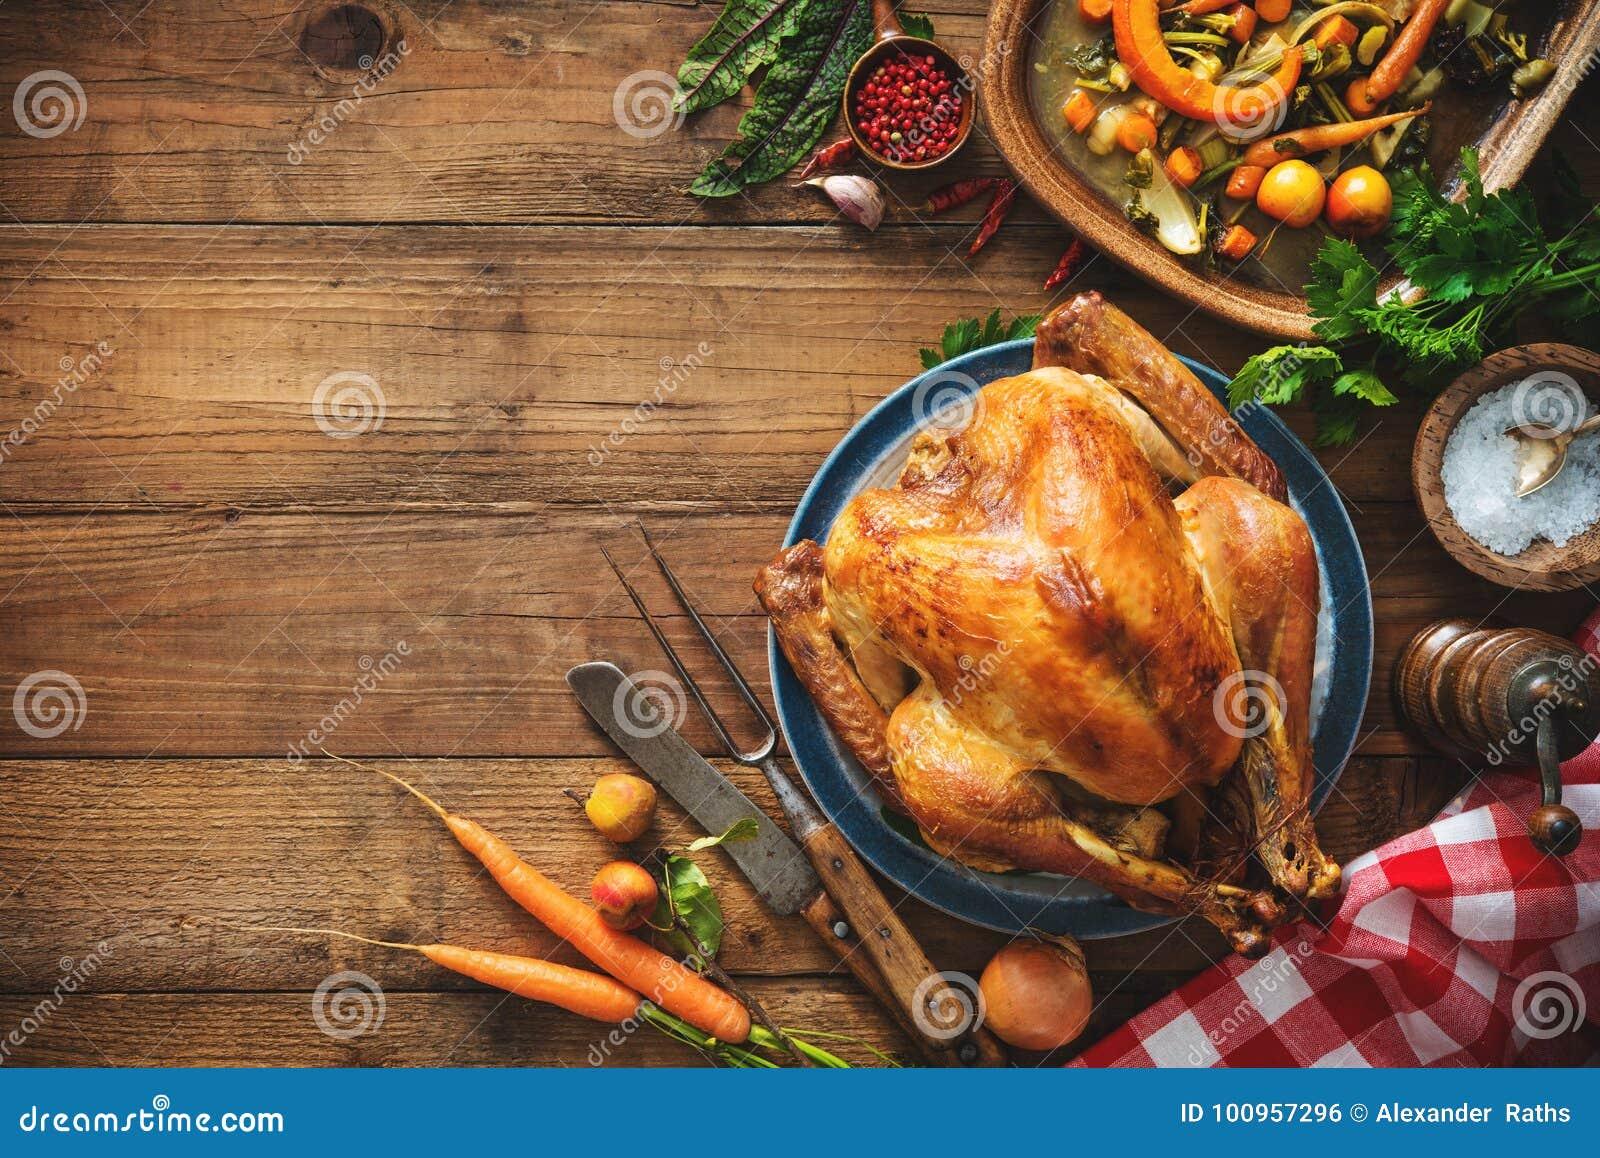 Χριστούγεννα ή ημέρα των ευχαριστιών Τουρκία